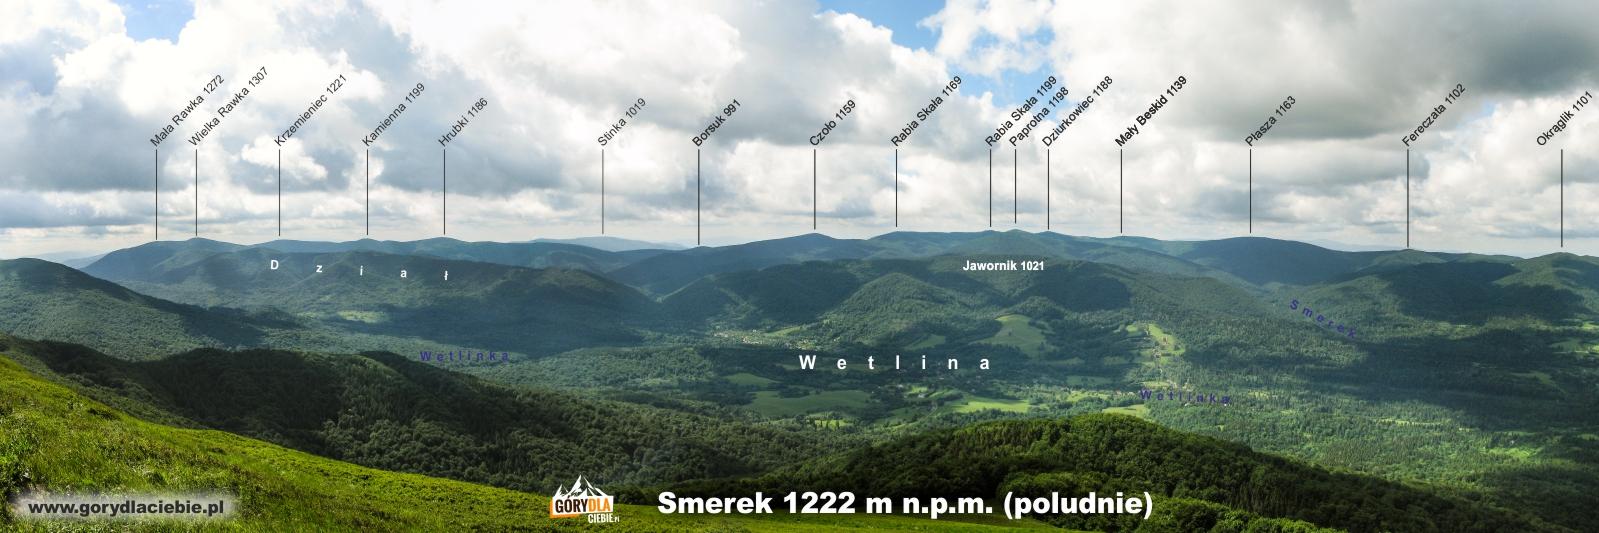 Panorama (z opisem) ze Smereka w kierunku poludiowym